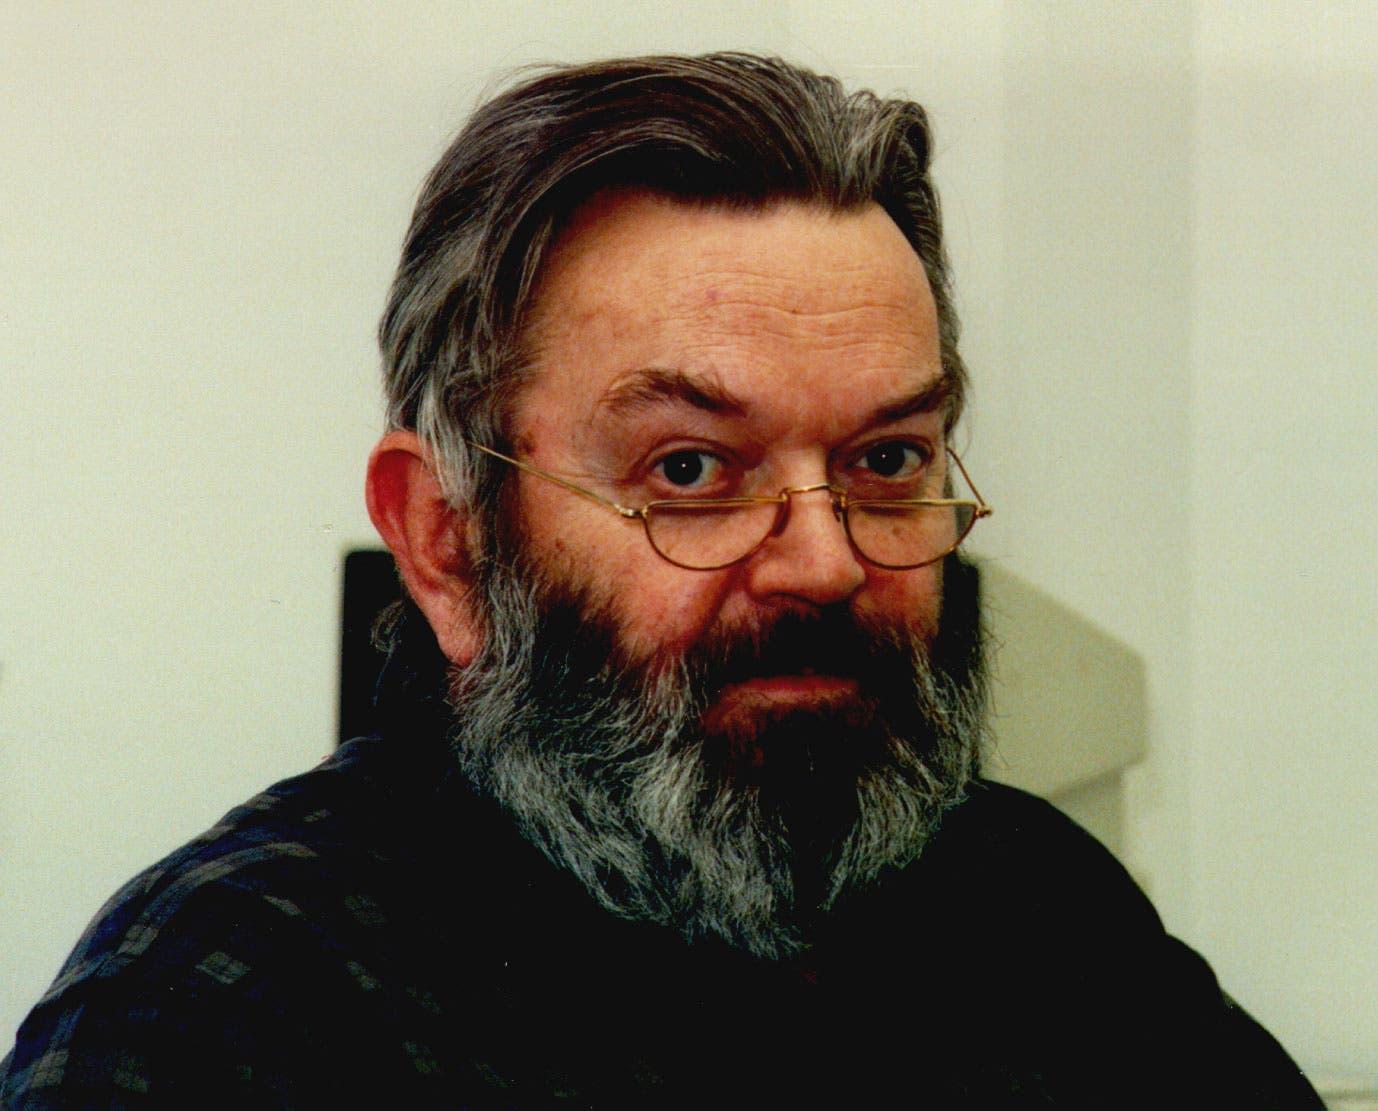 Martinus Veltman